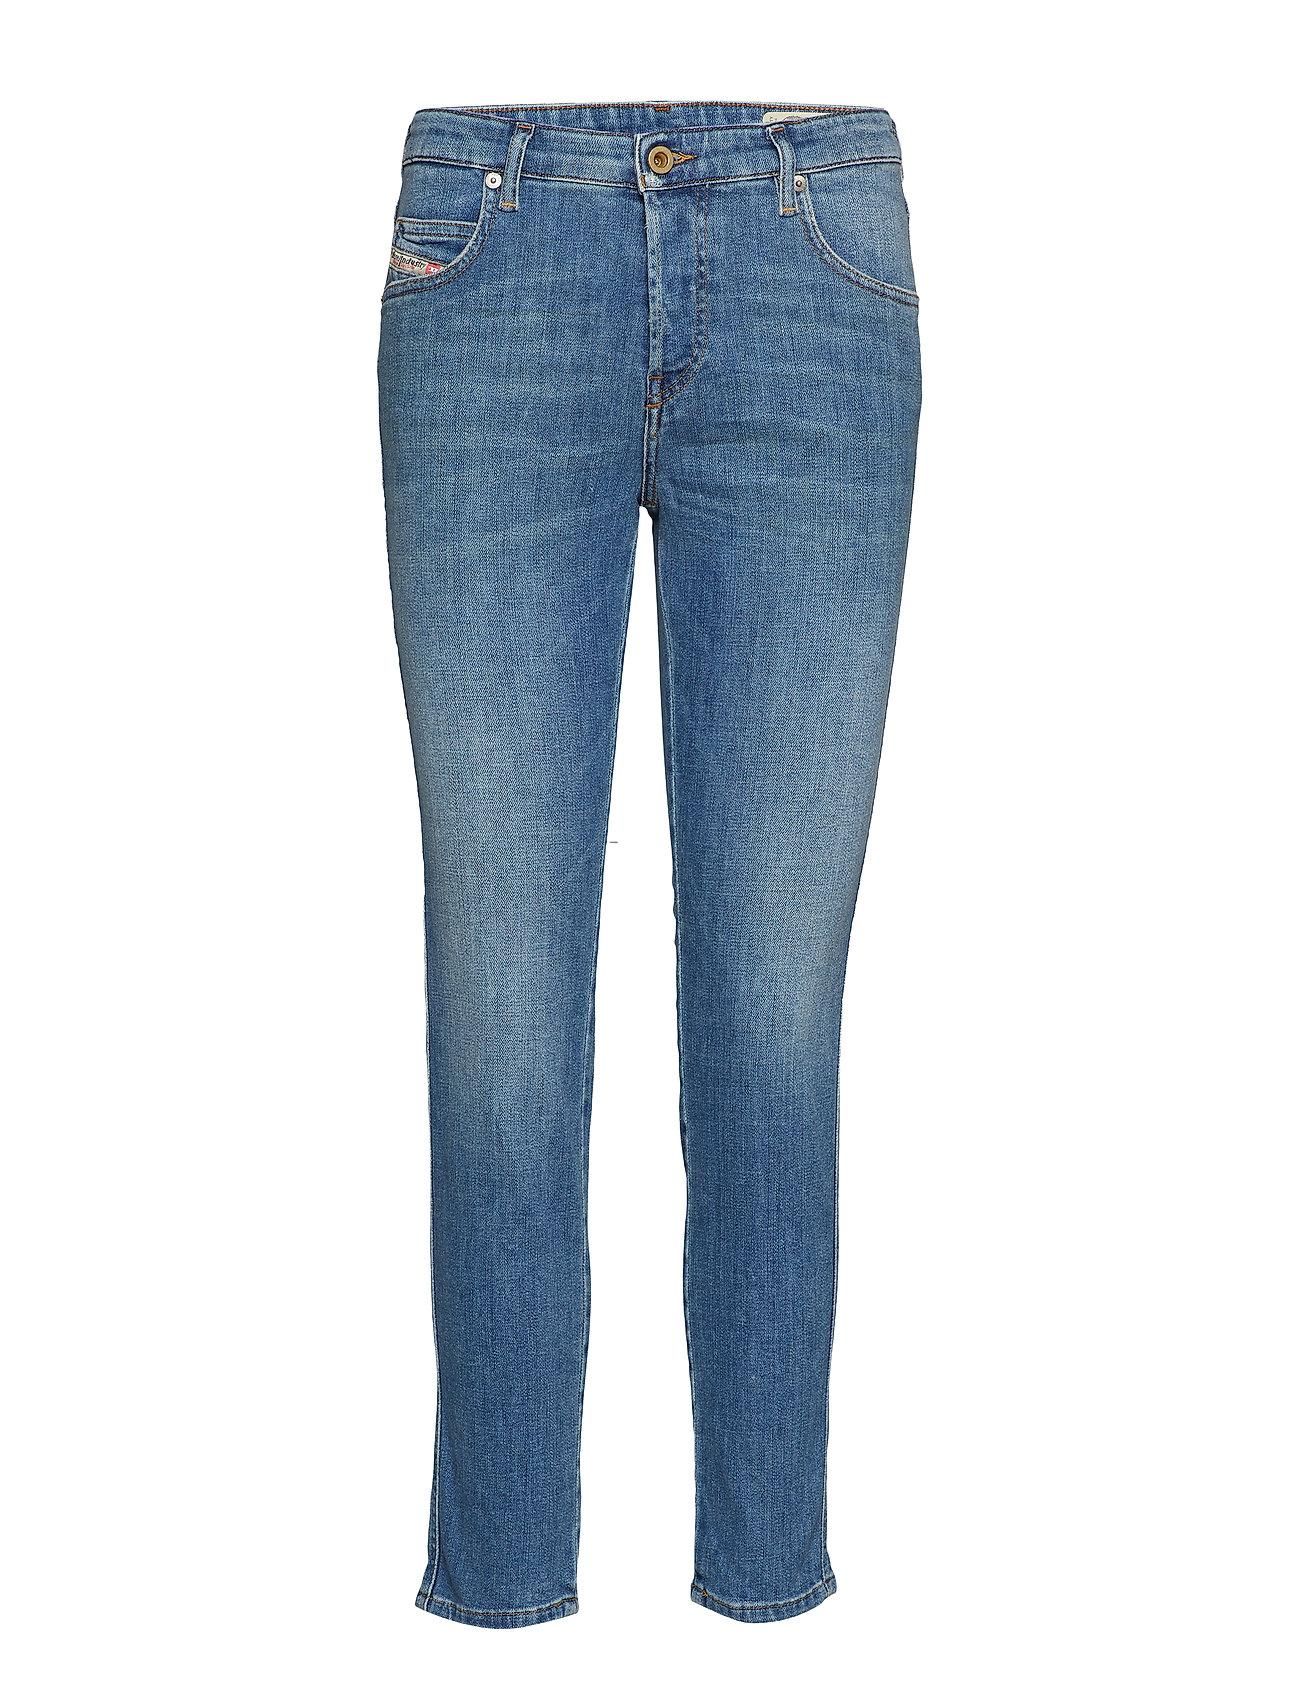 DIESEL Babhila Trousers Slim Jeans Blau DIESEL WOMEN